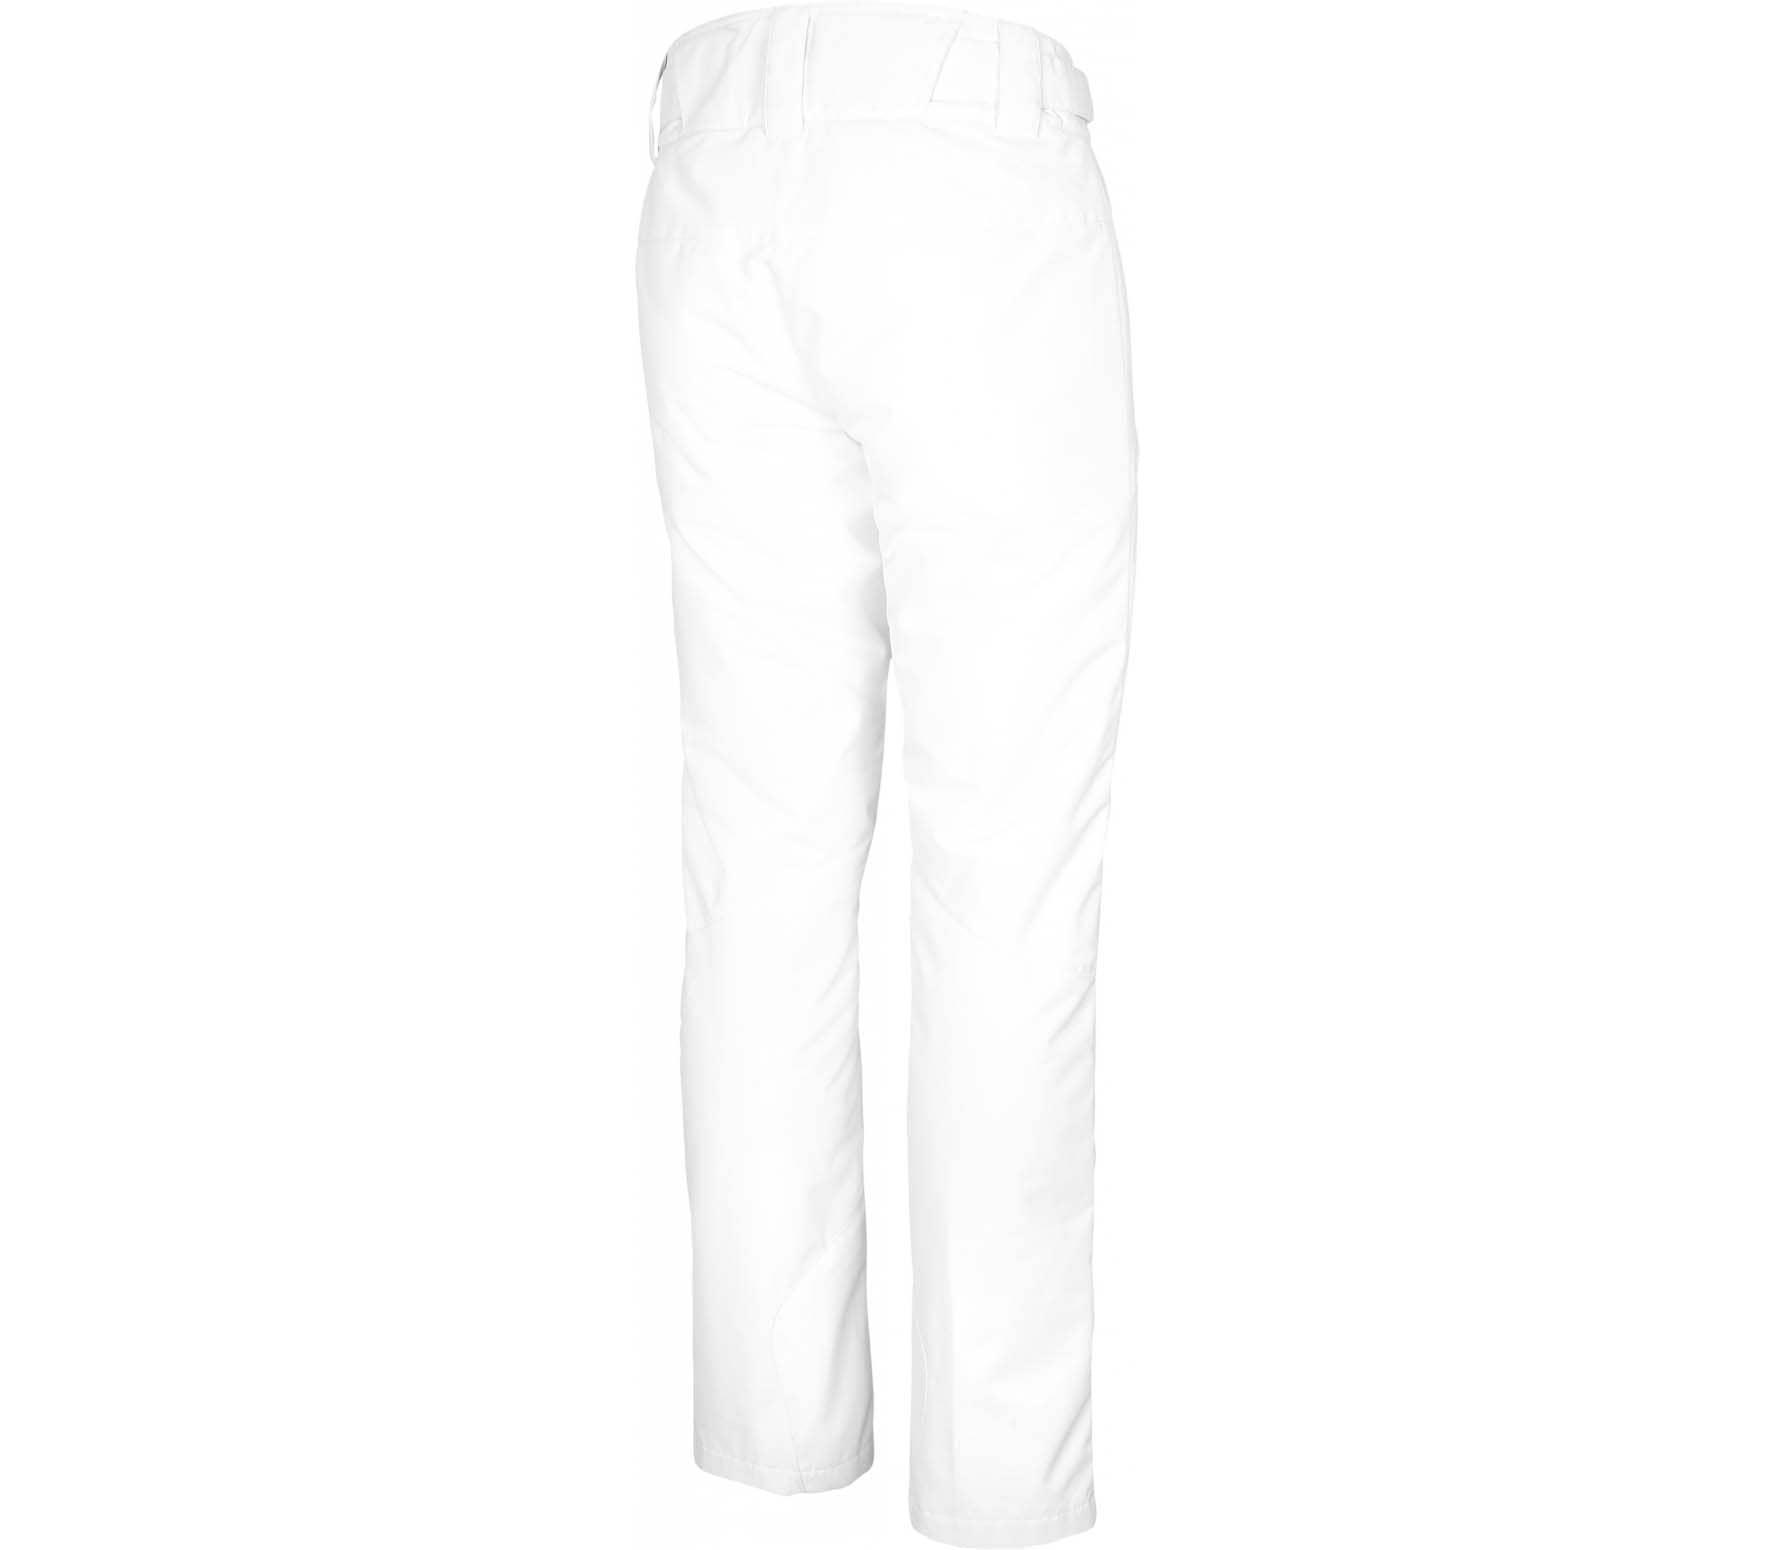 Ziener - Panja Damen Skihose (weiß)